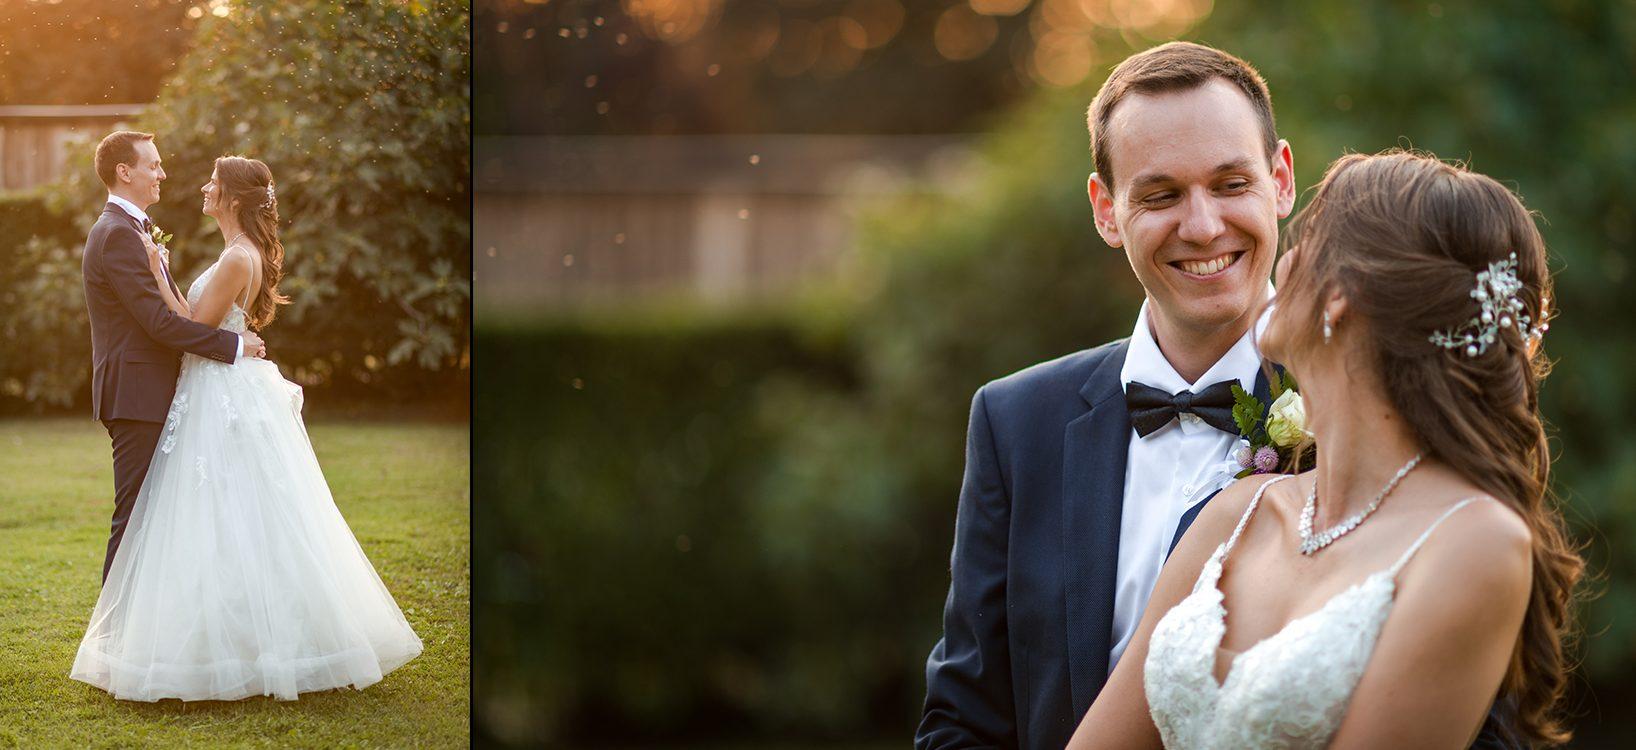 astro ismerkedés társkereső nő nézet esküvő